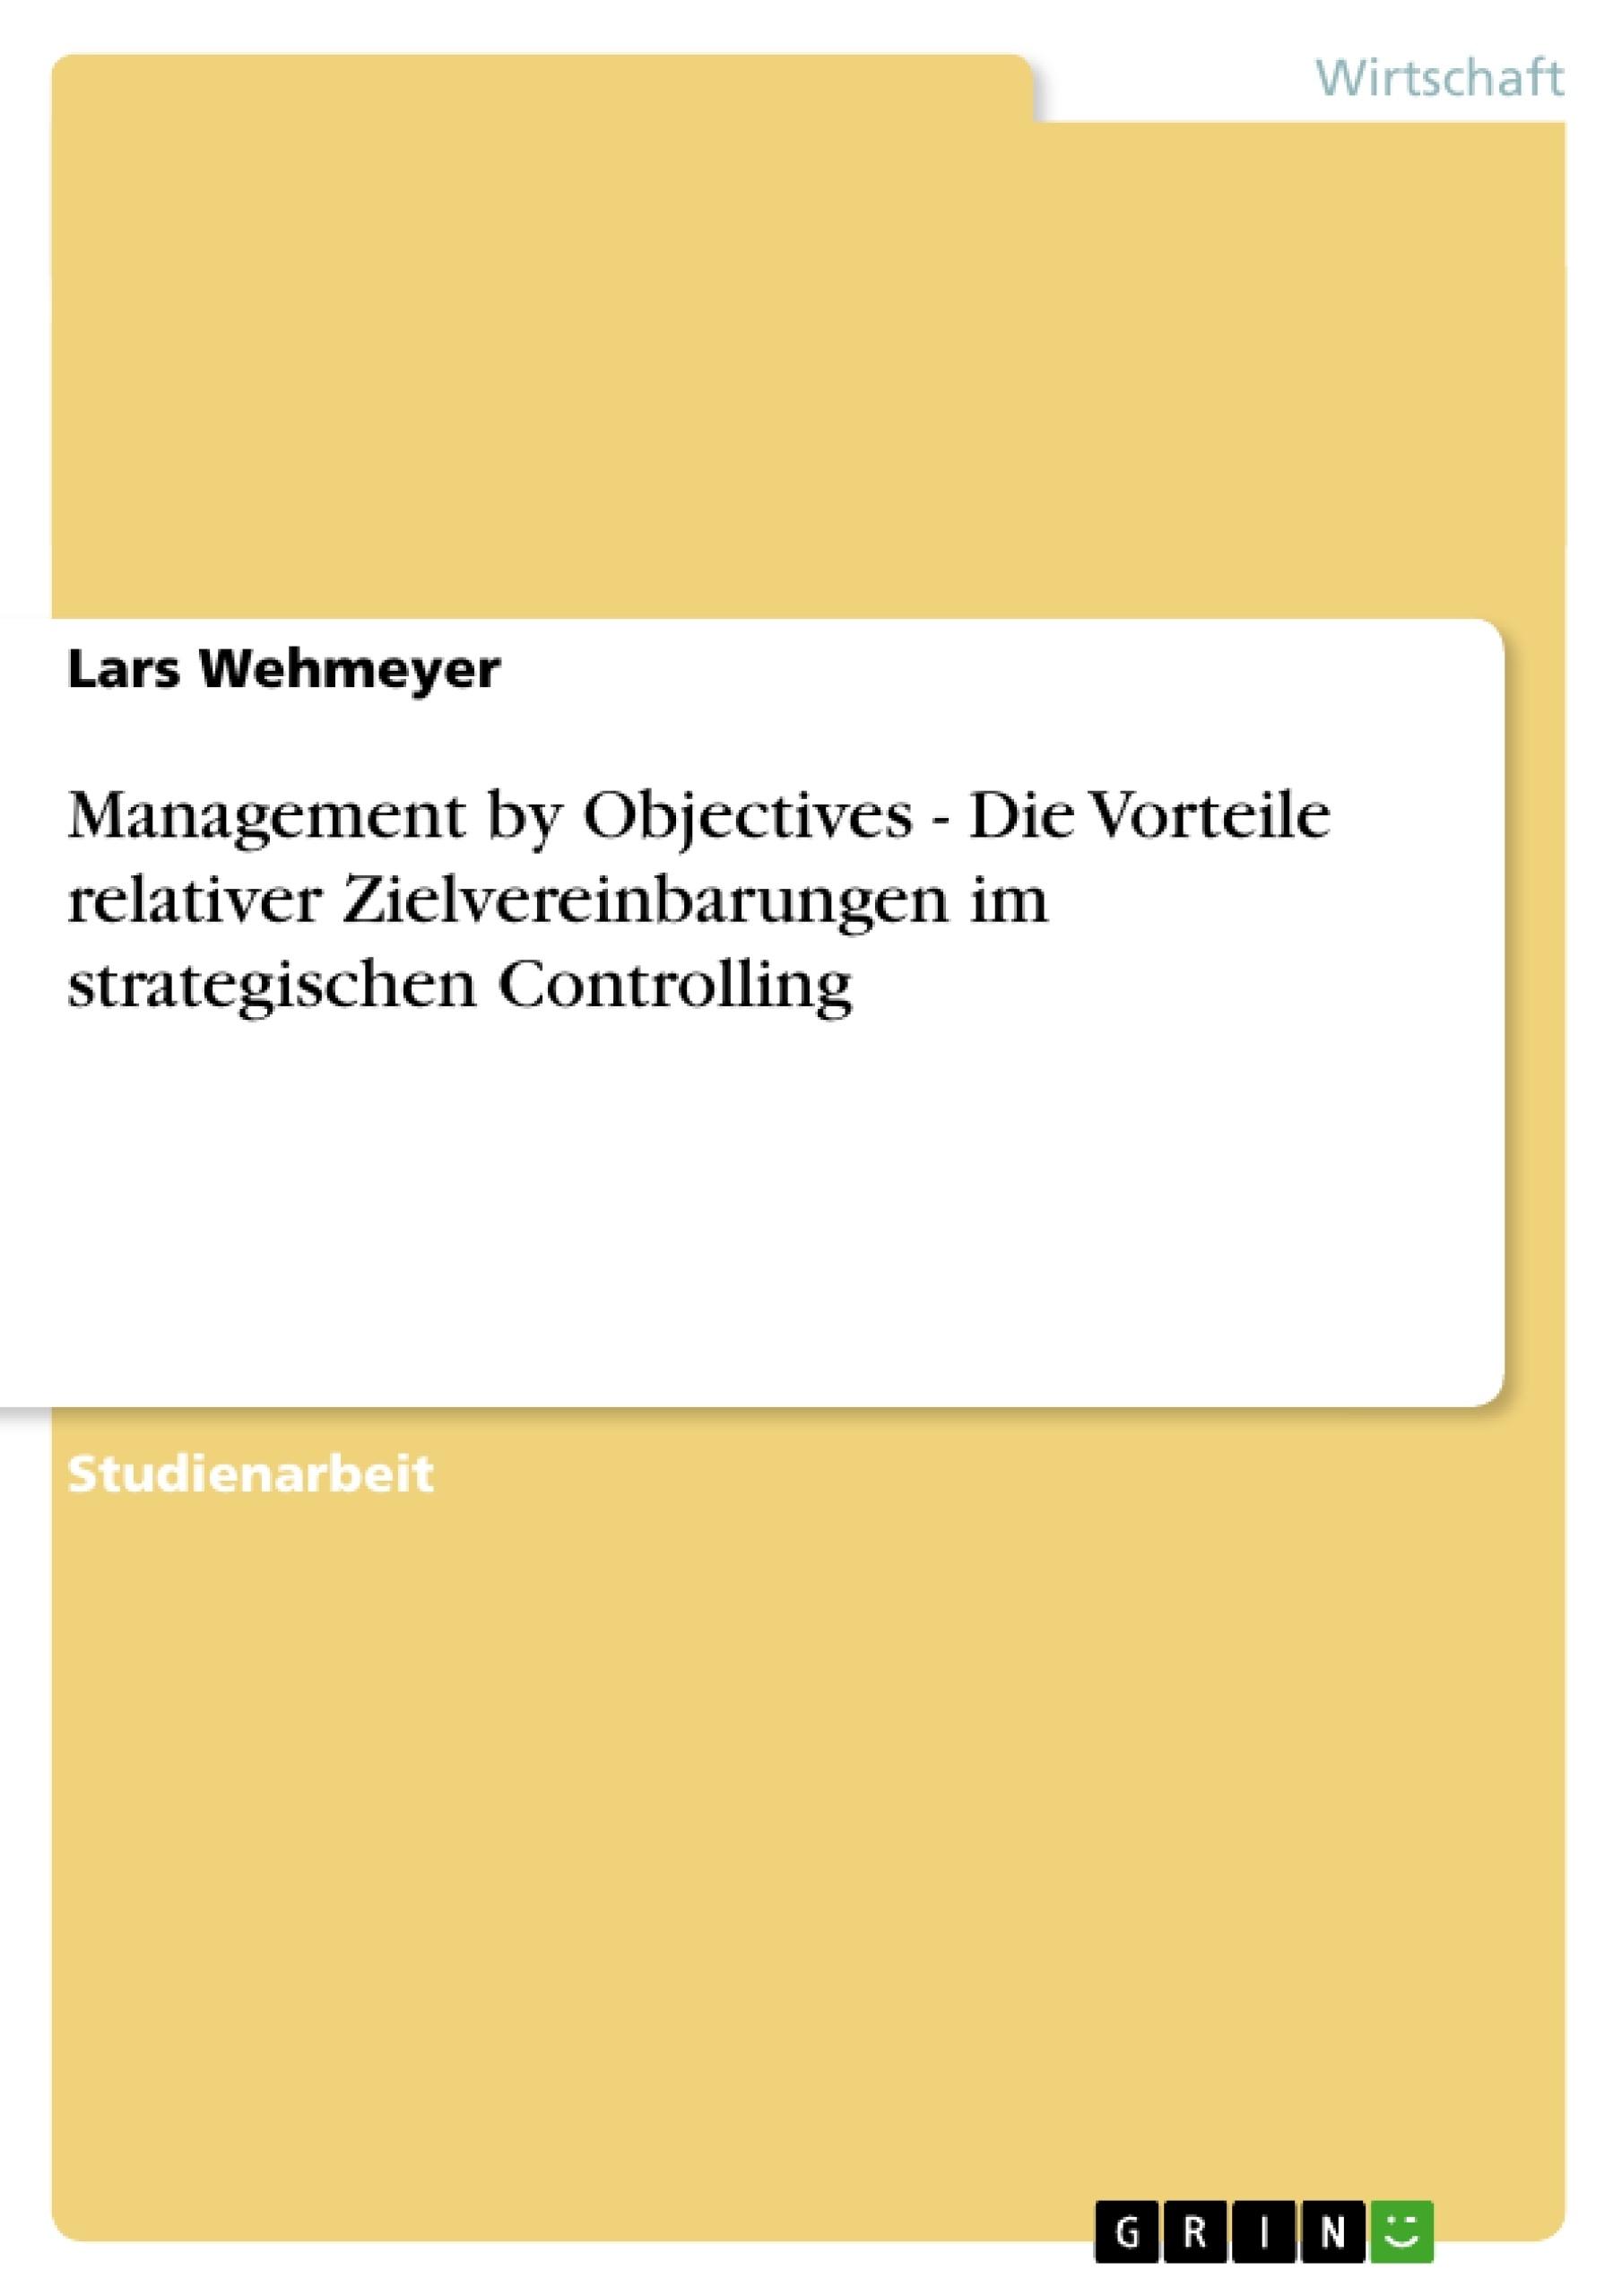 Titel: Management by Objectives - Die Vorteile relativer Zielvereinbarungen im strategischen Controlling